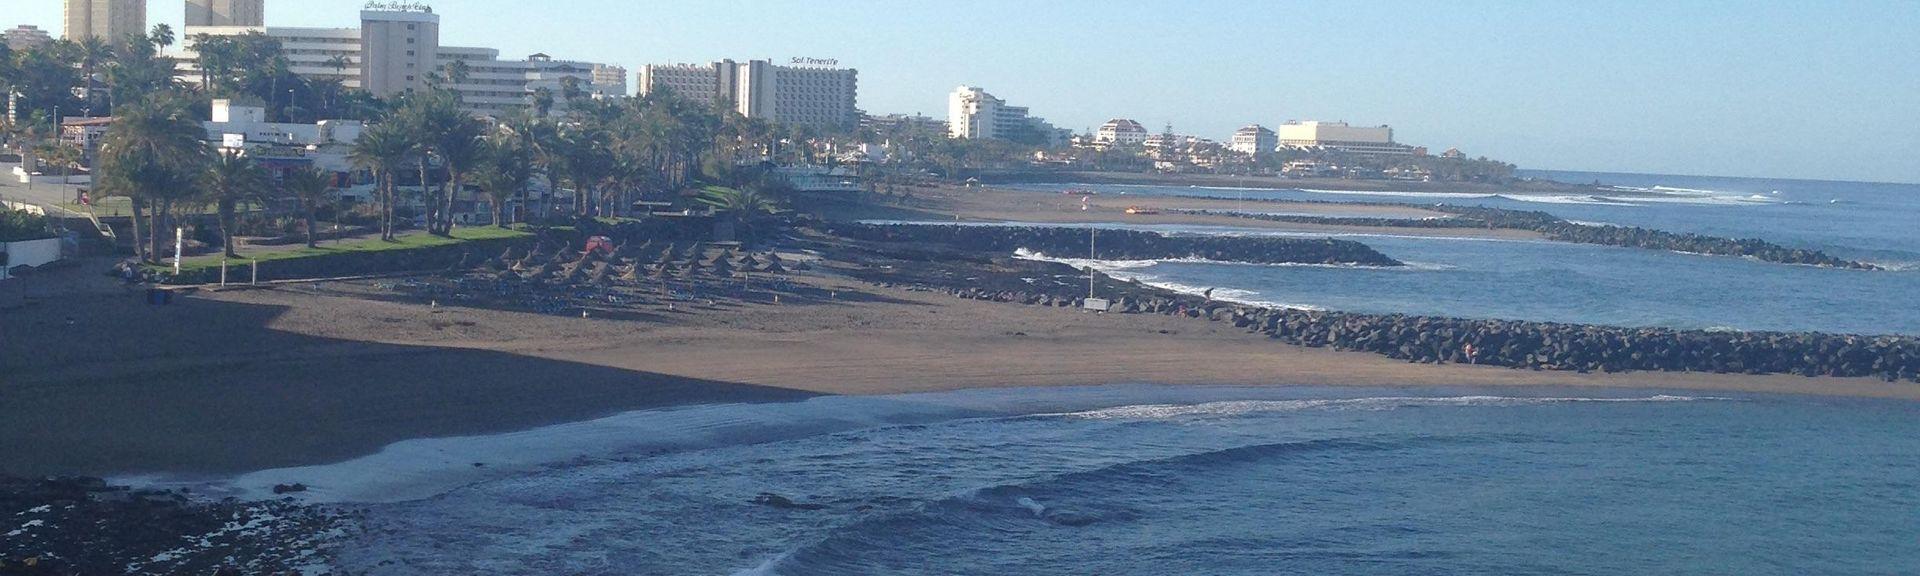 Playa del Duque, Costa Adeje, Wyspy Kanaryjskie, Hiszpania